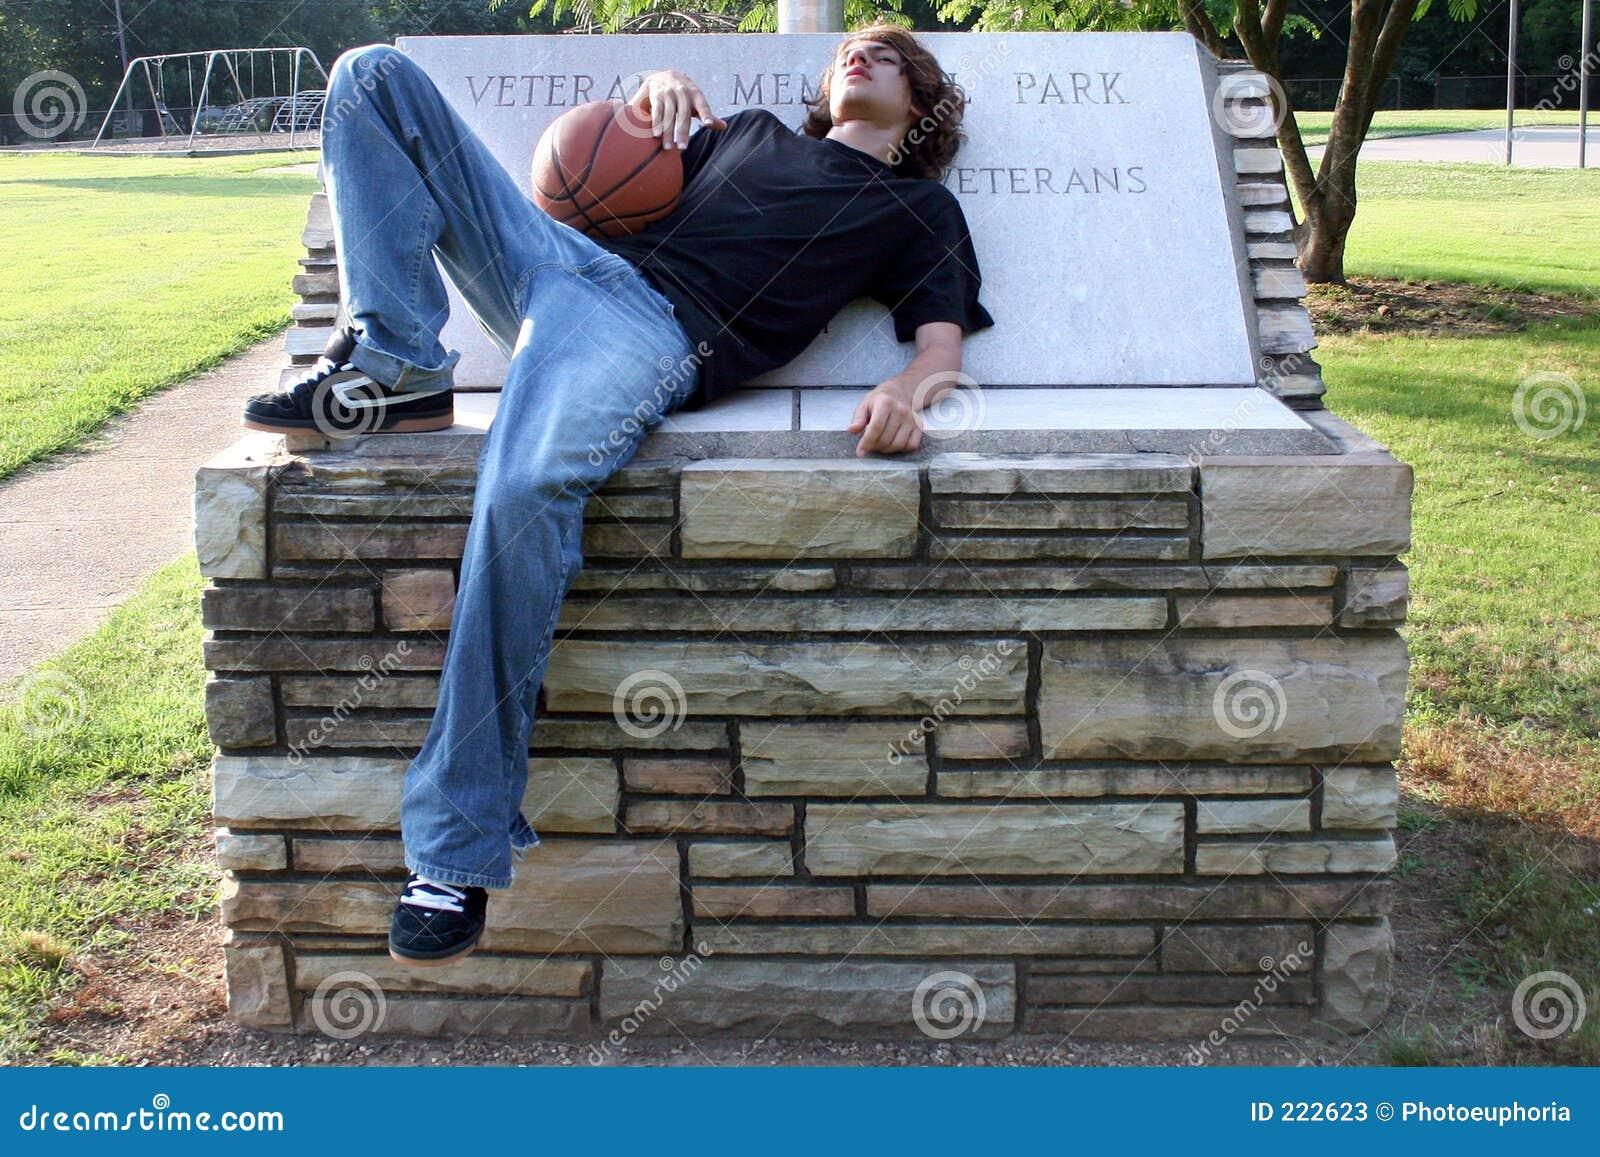 Mecz koszykówki chłopcy odpocząć nastolatków.